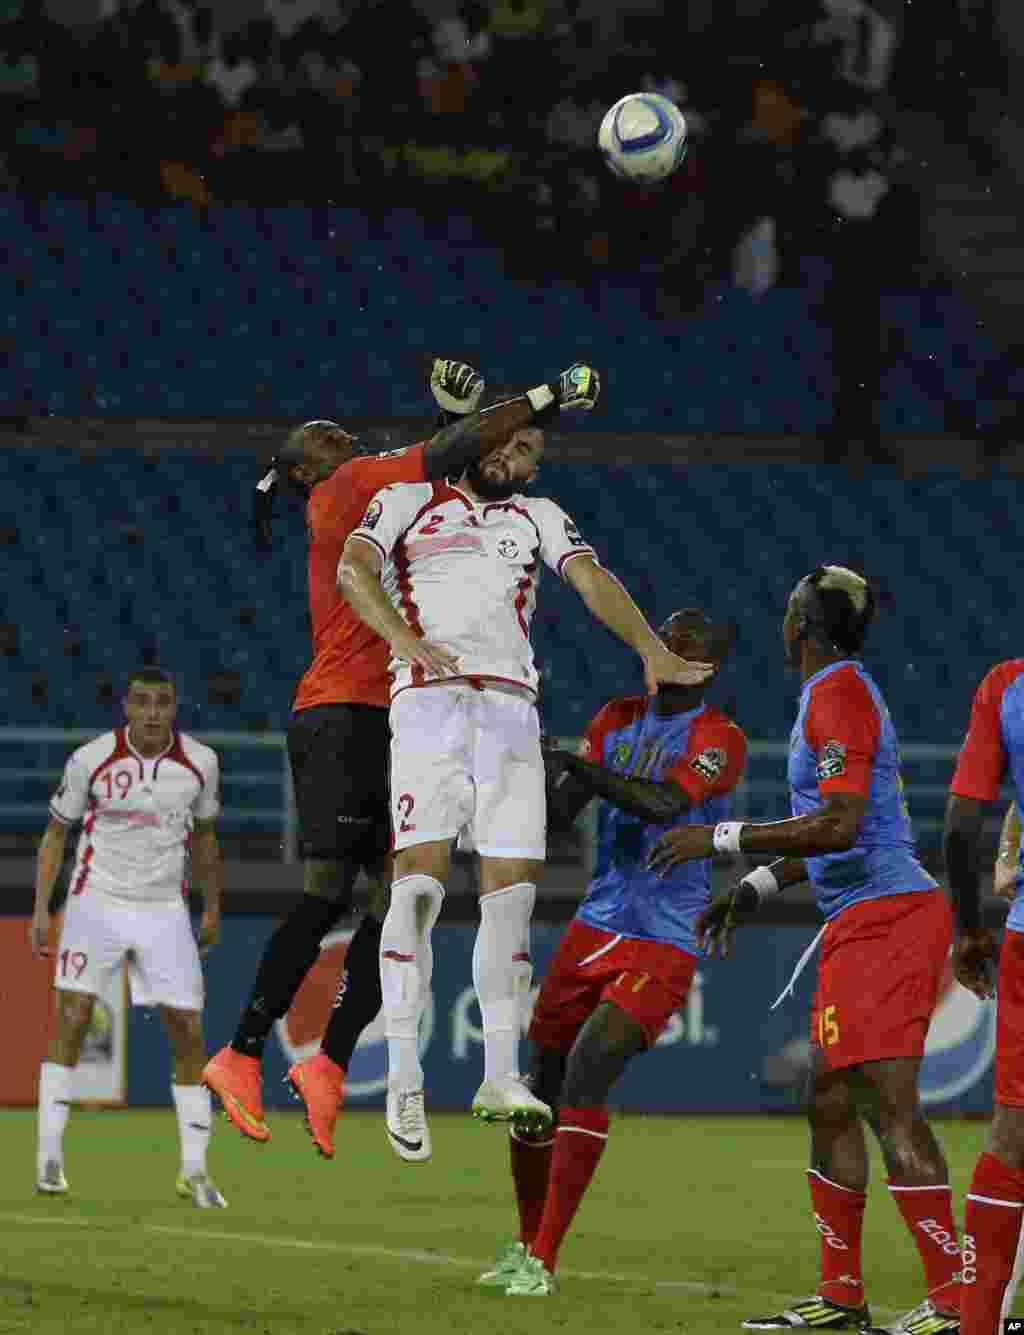 Syam Youssef de la Tunisie, en haut à droite, est battu dans un duel aérien par le gardien de but de la RD Congo Robert Muteba Kidiaba, en haut à gauche, lors de leur match de la CAN Groupe B à Bata, en Guinée équatoriale, lundi 26 janvier 2015.